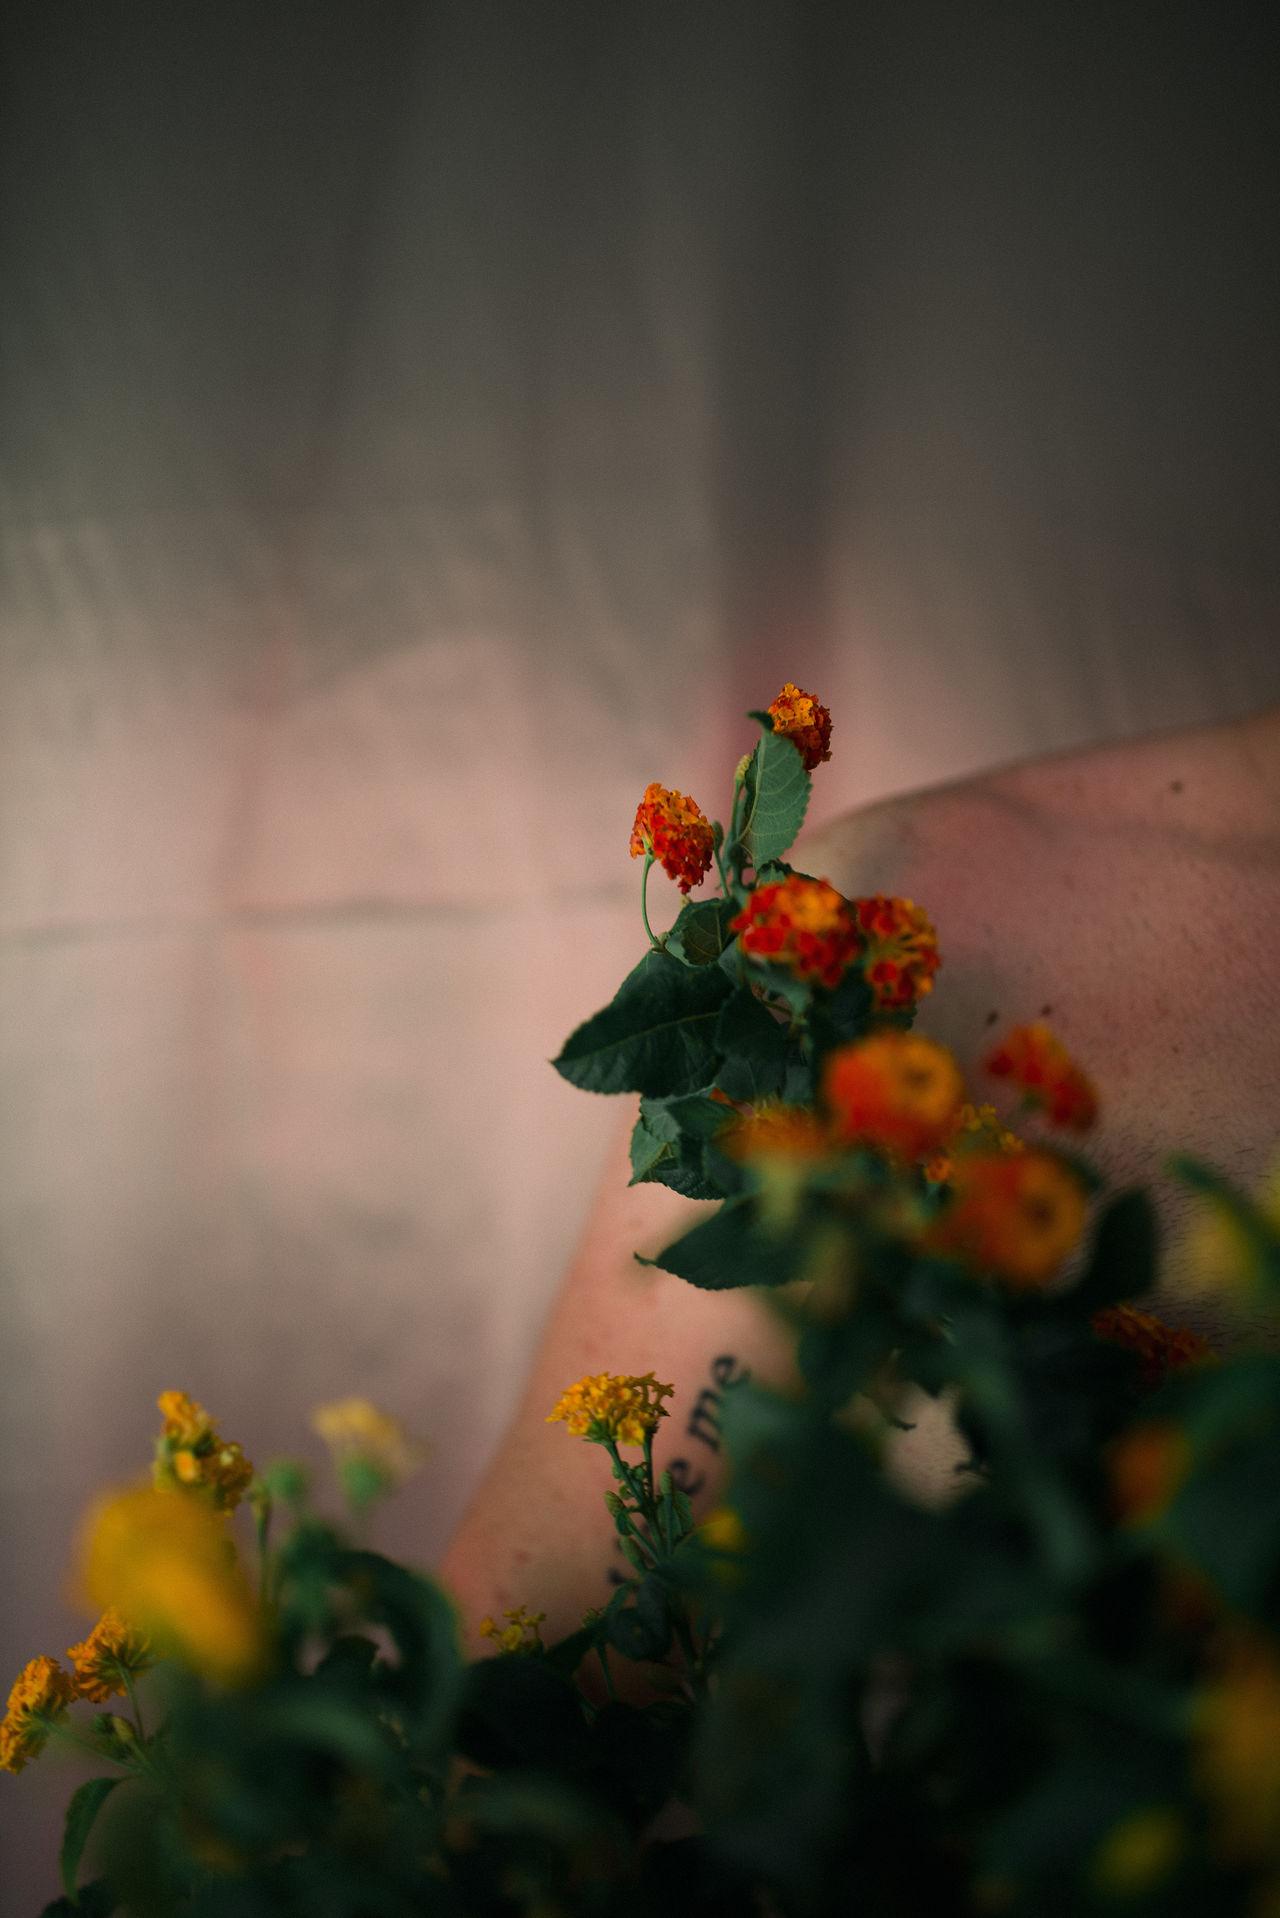 plant, flowering plant, flower, selective focus, freshness